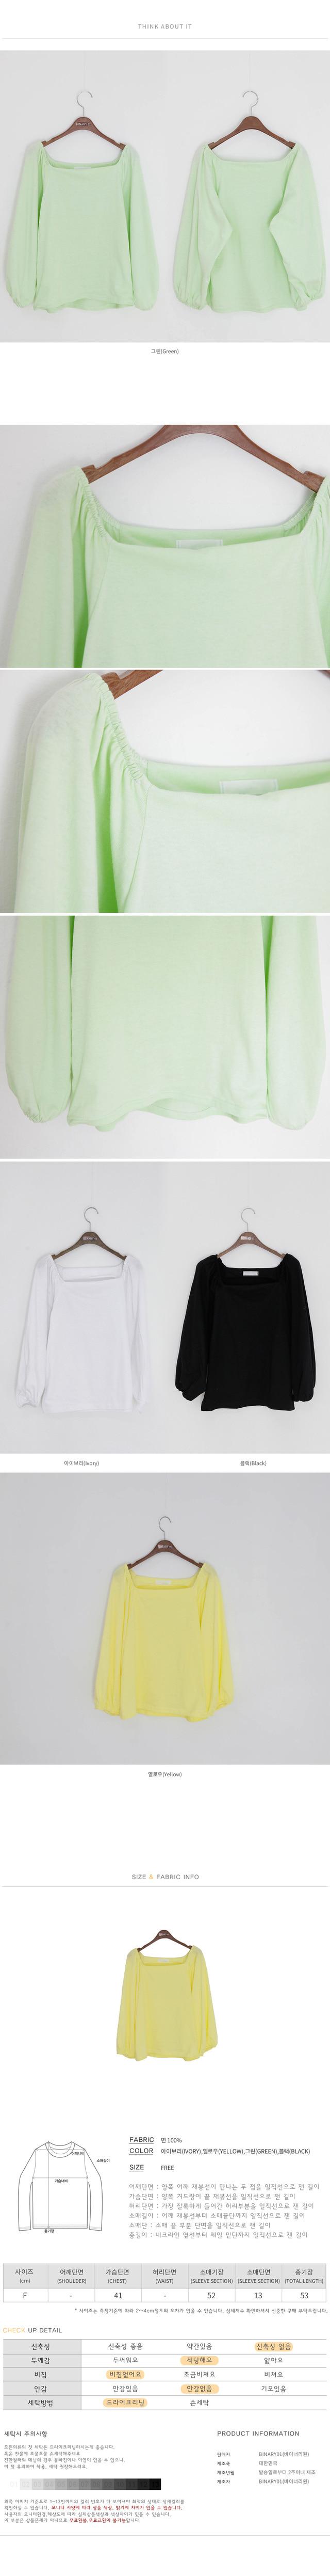 Off-Shoulder Apple Square T-shirt